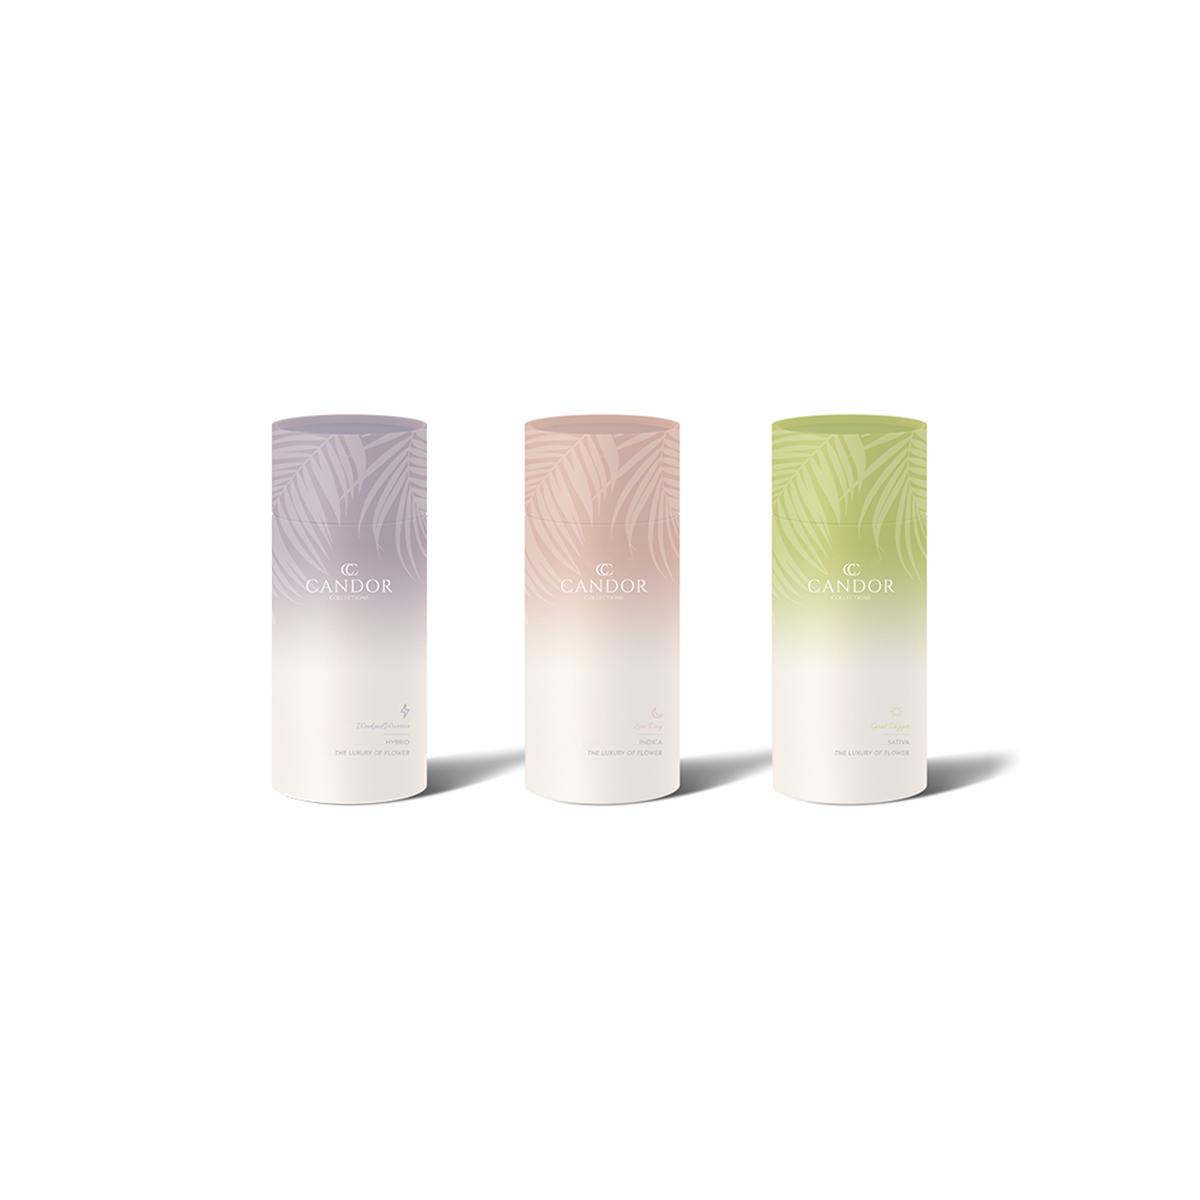 Candor Packaging Design.png